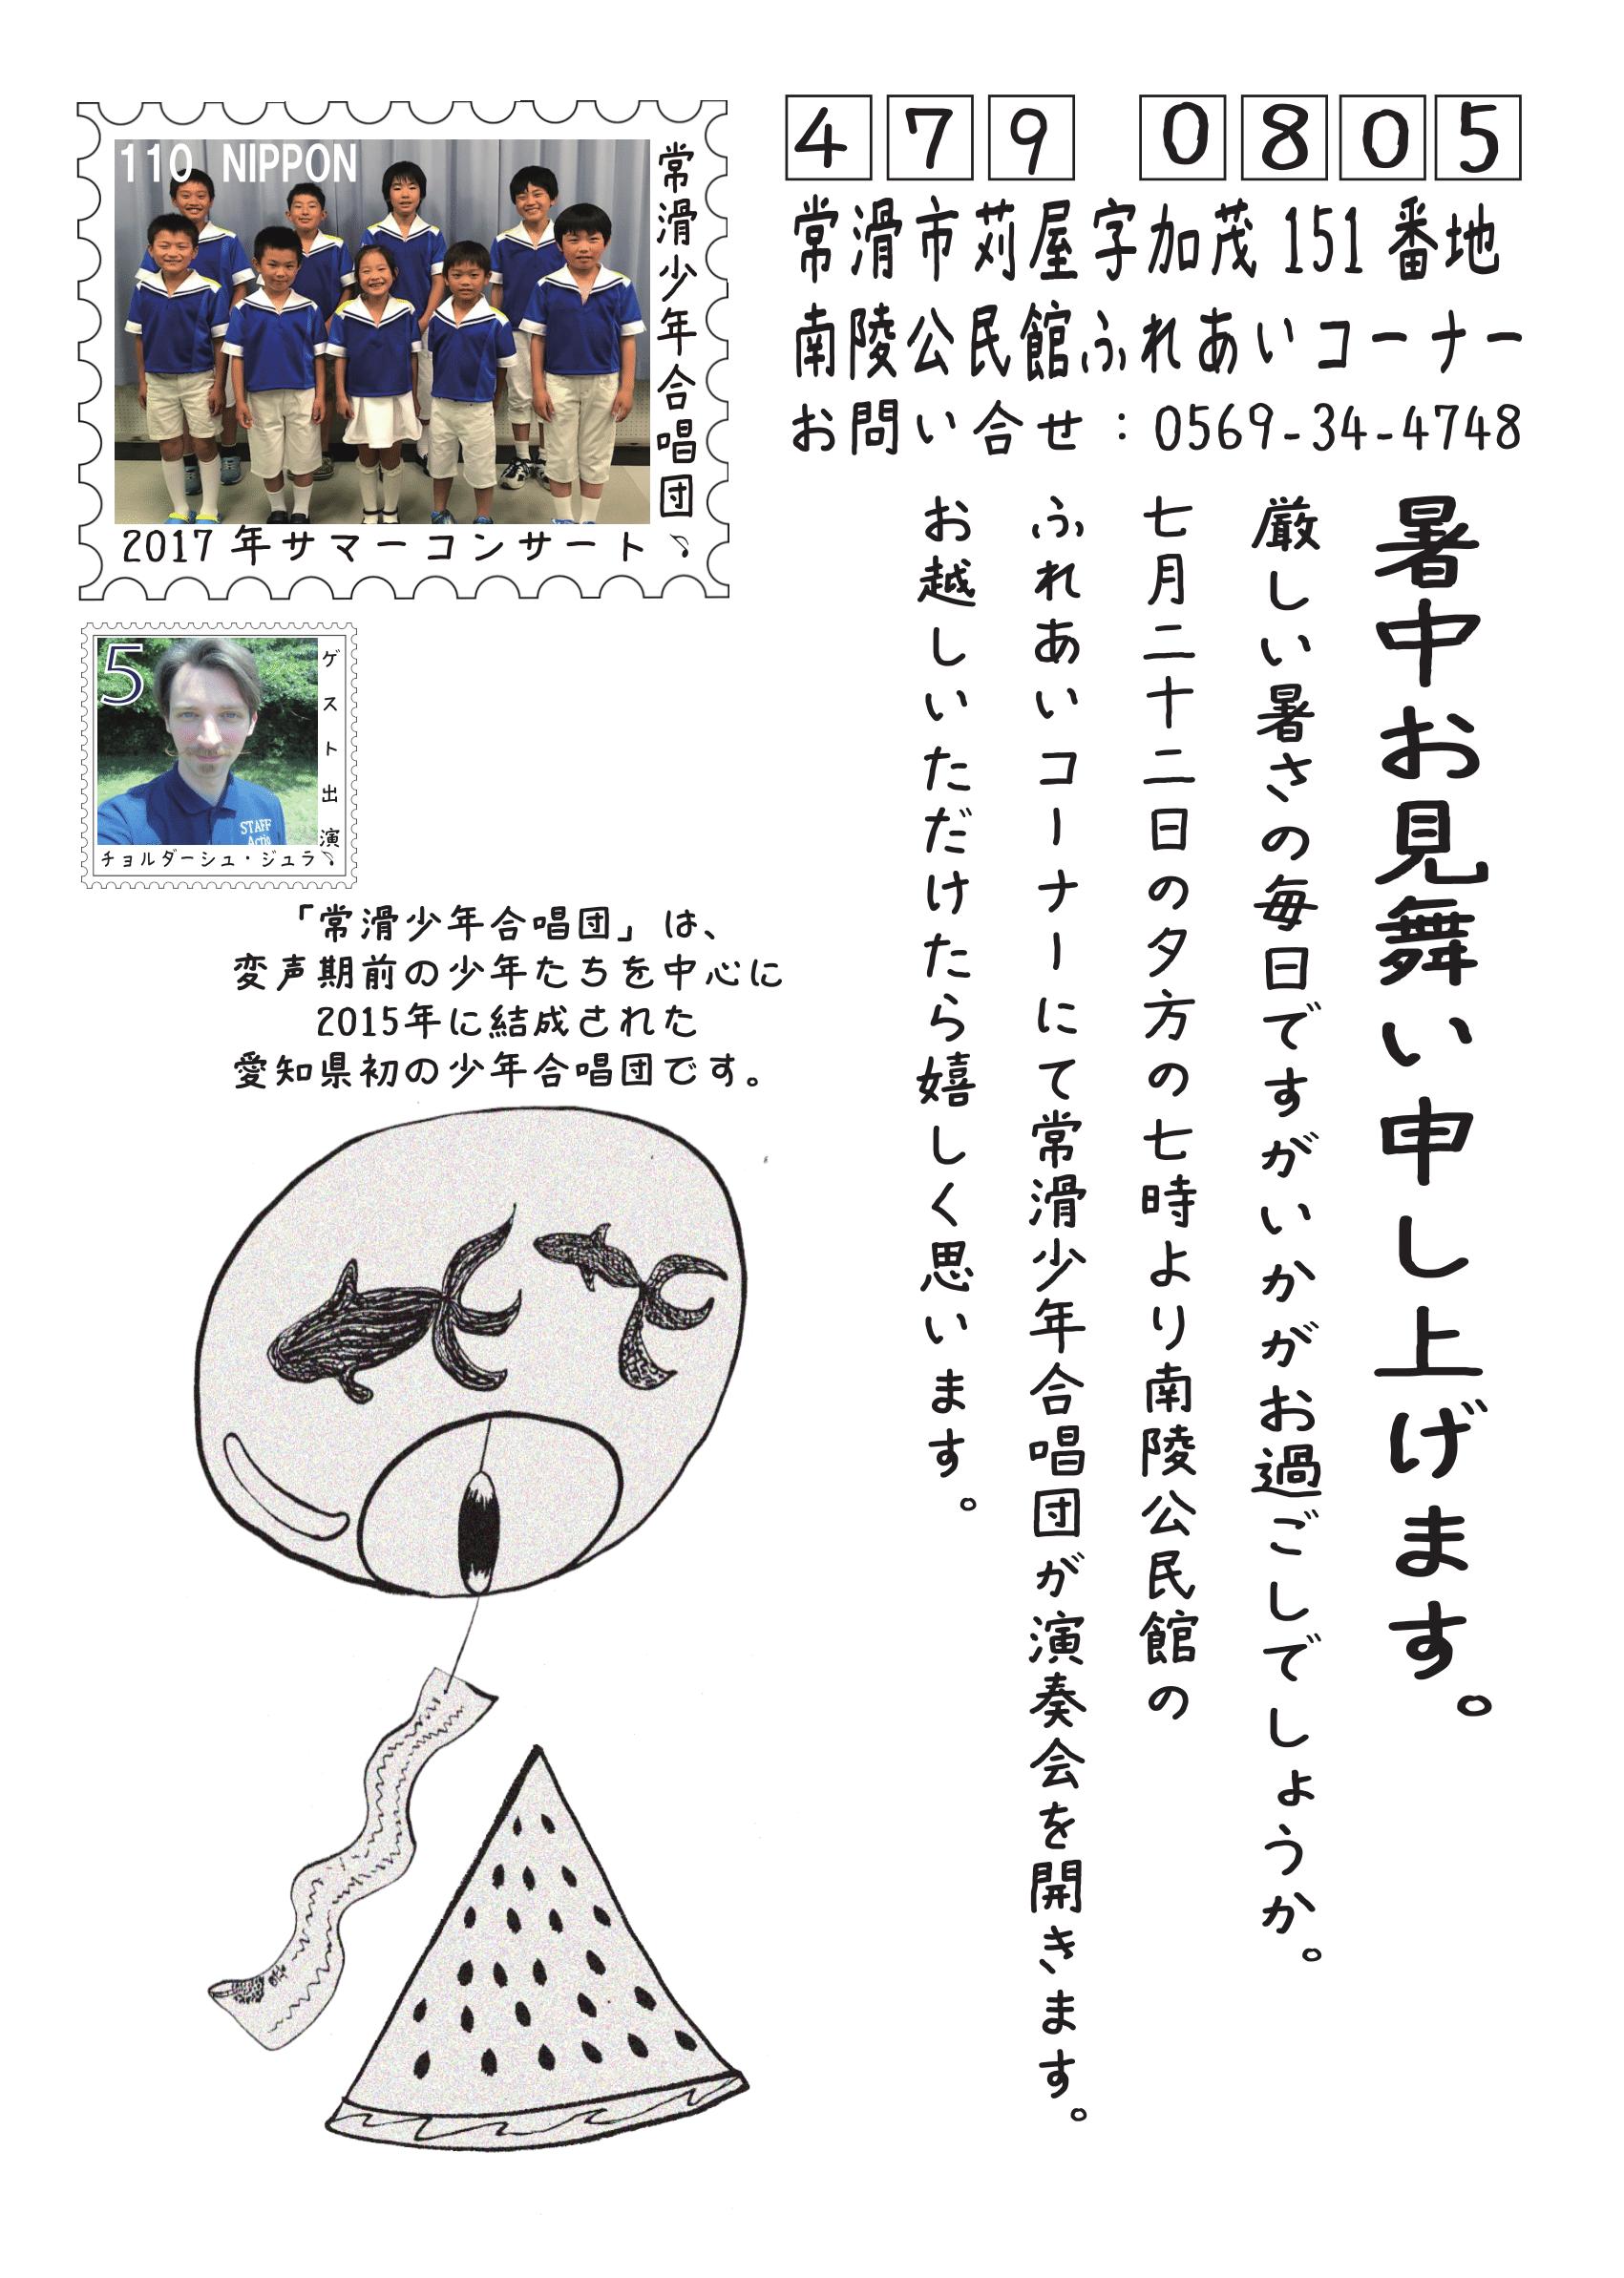 【7/22(土)】常滑少年合唱団2017年サマーコンサートのイメージ